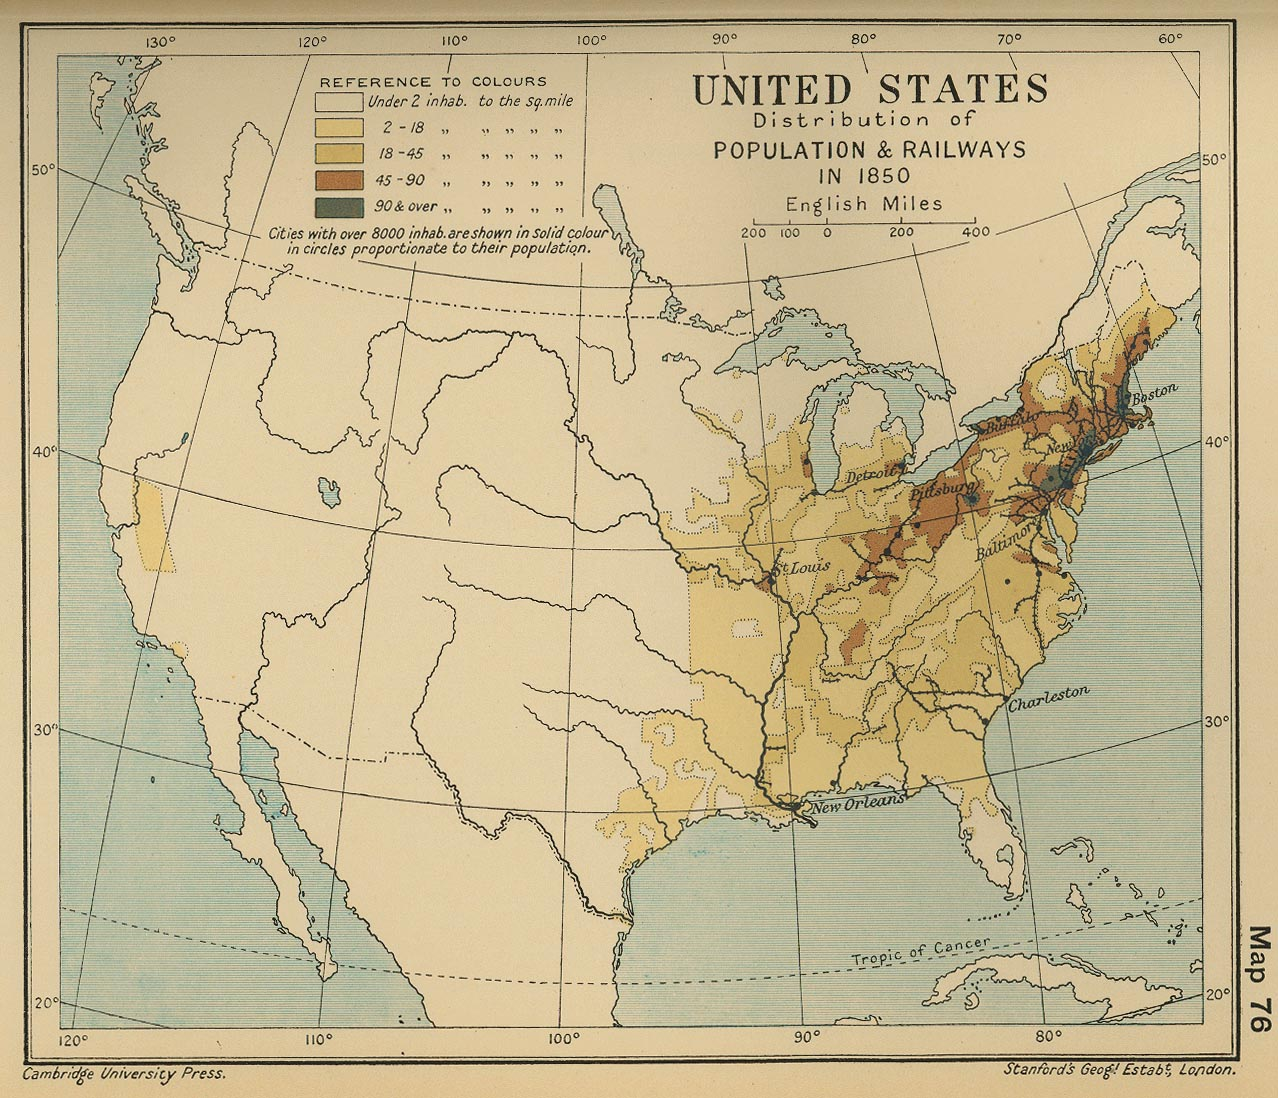 Distribución de la Población y Principales Ferrocarriles en Estados Unidos 1850